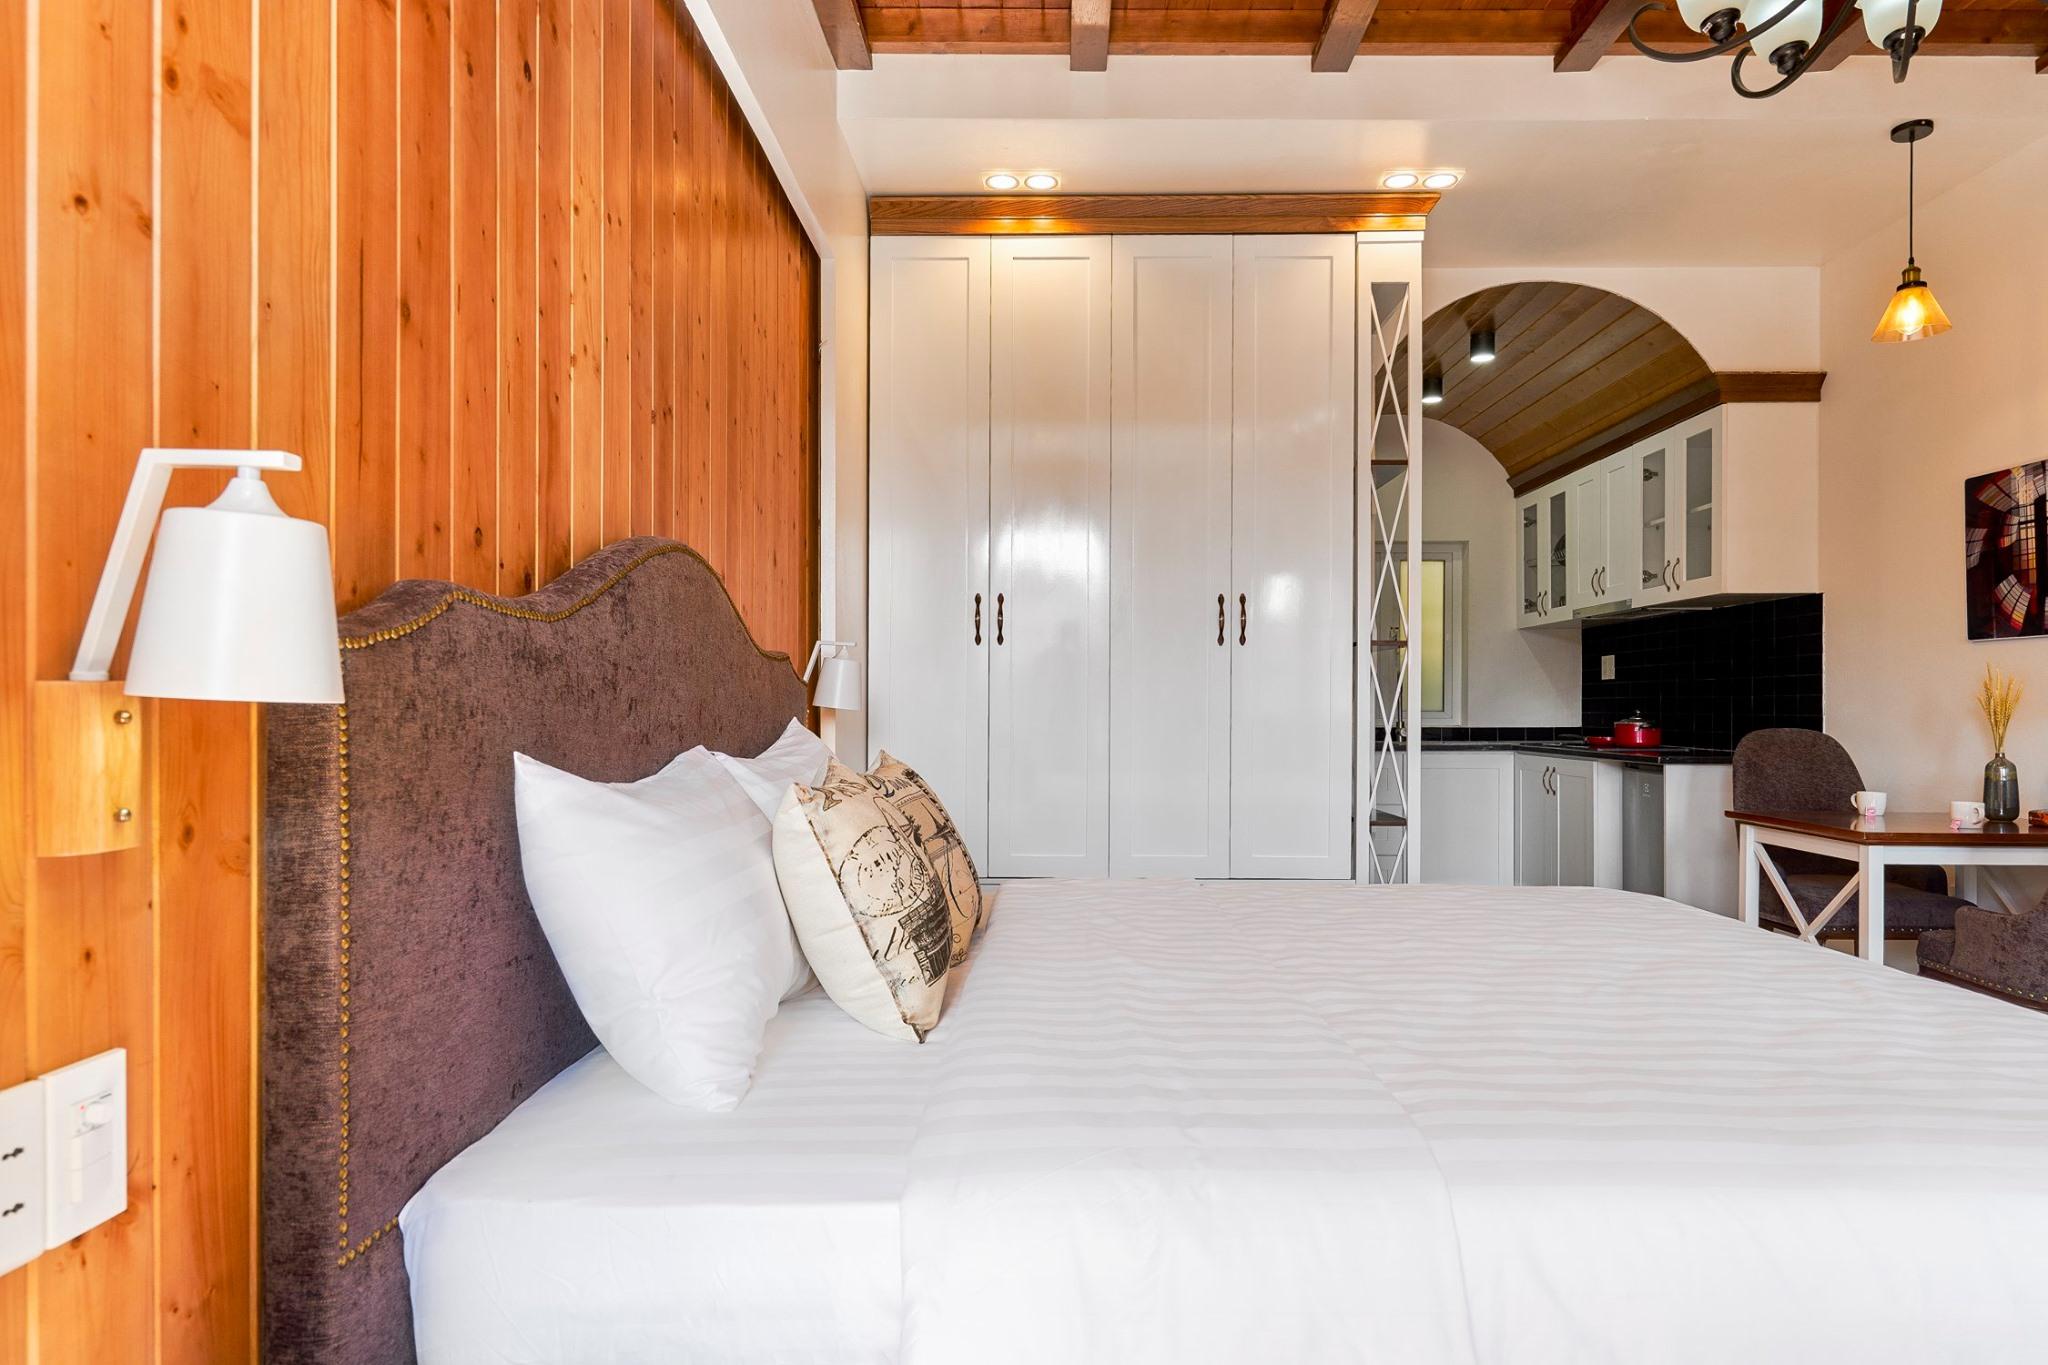 Phòng ốc đầy đủ tiện ích dành cho khách dừng chân tại Little Colmar. Ảnh: Little Colmar Boutique Homestay